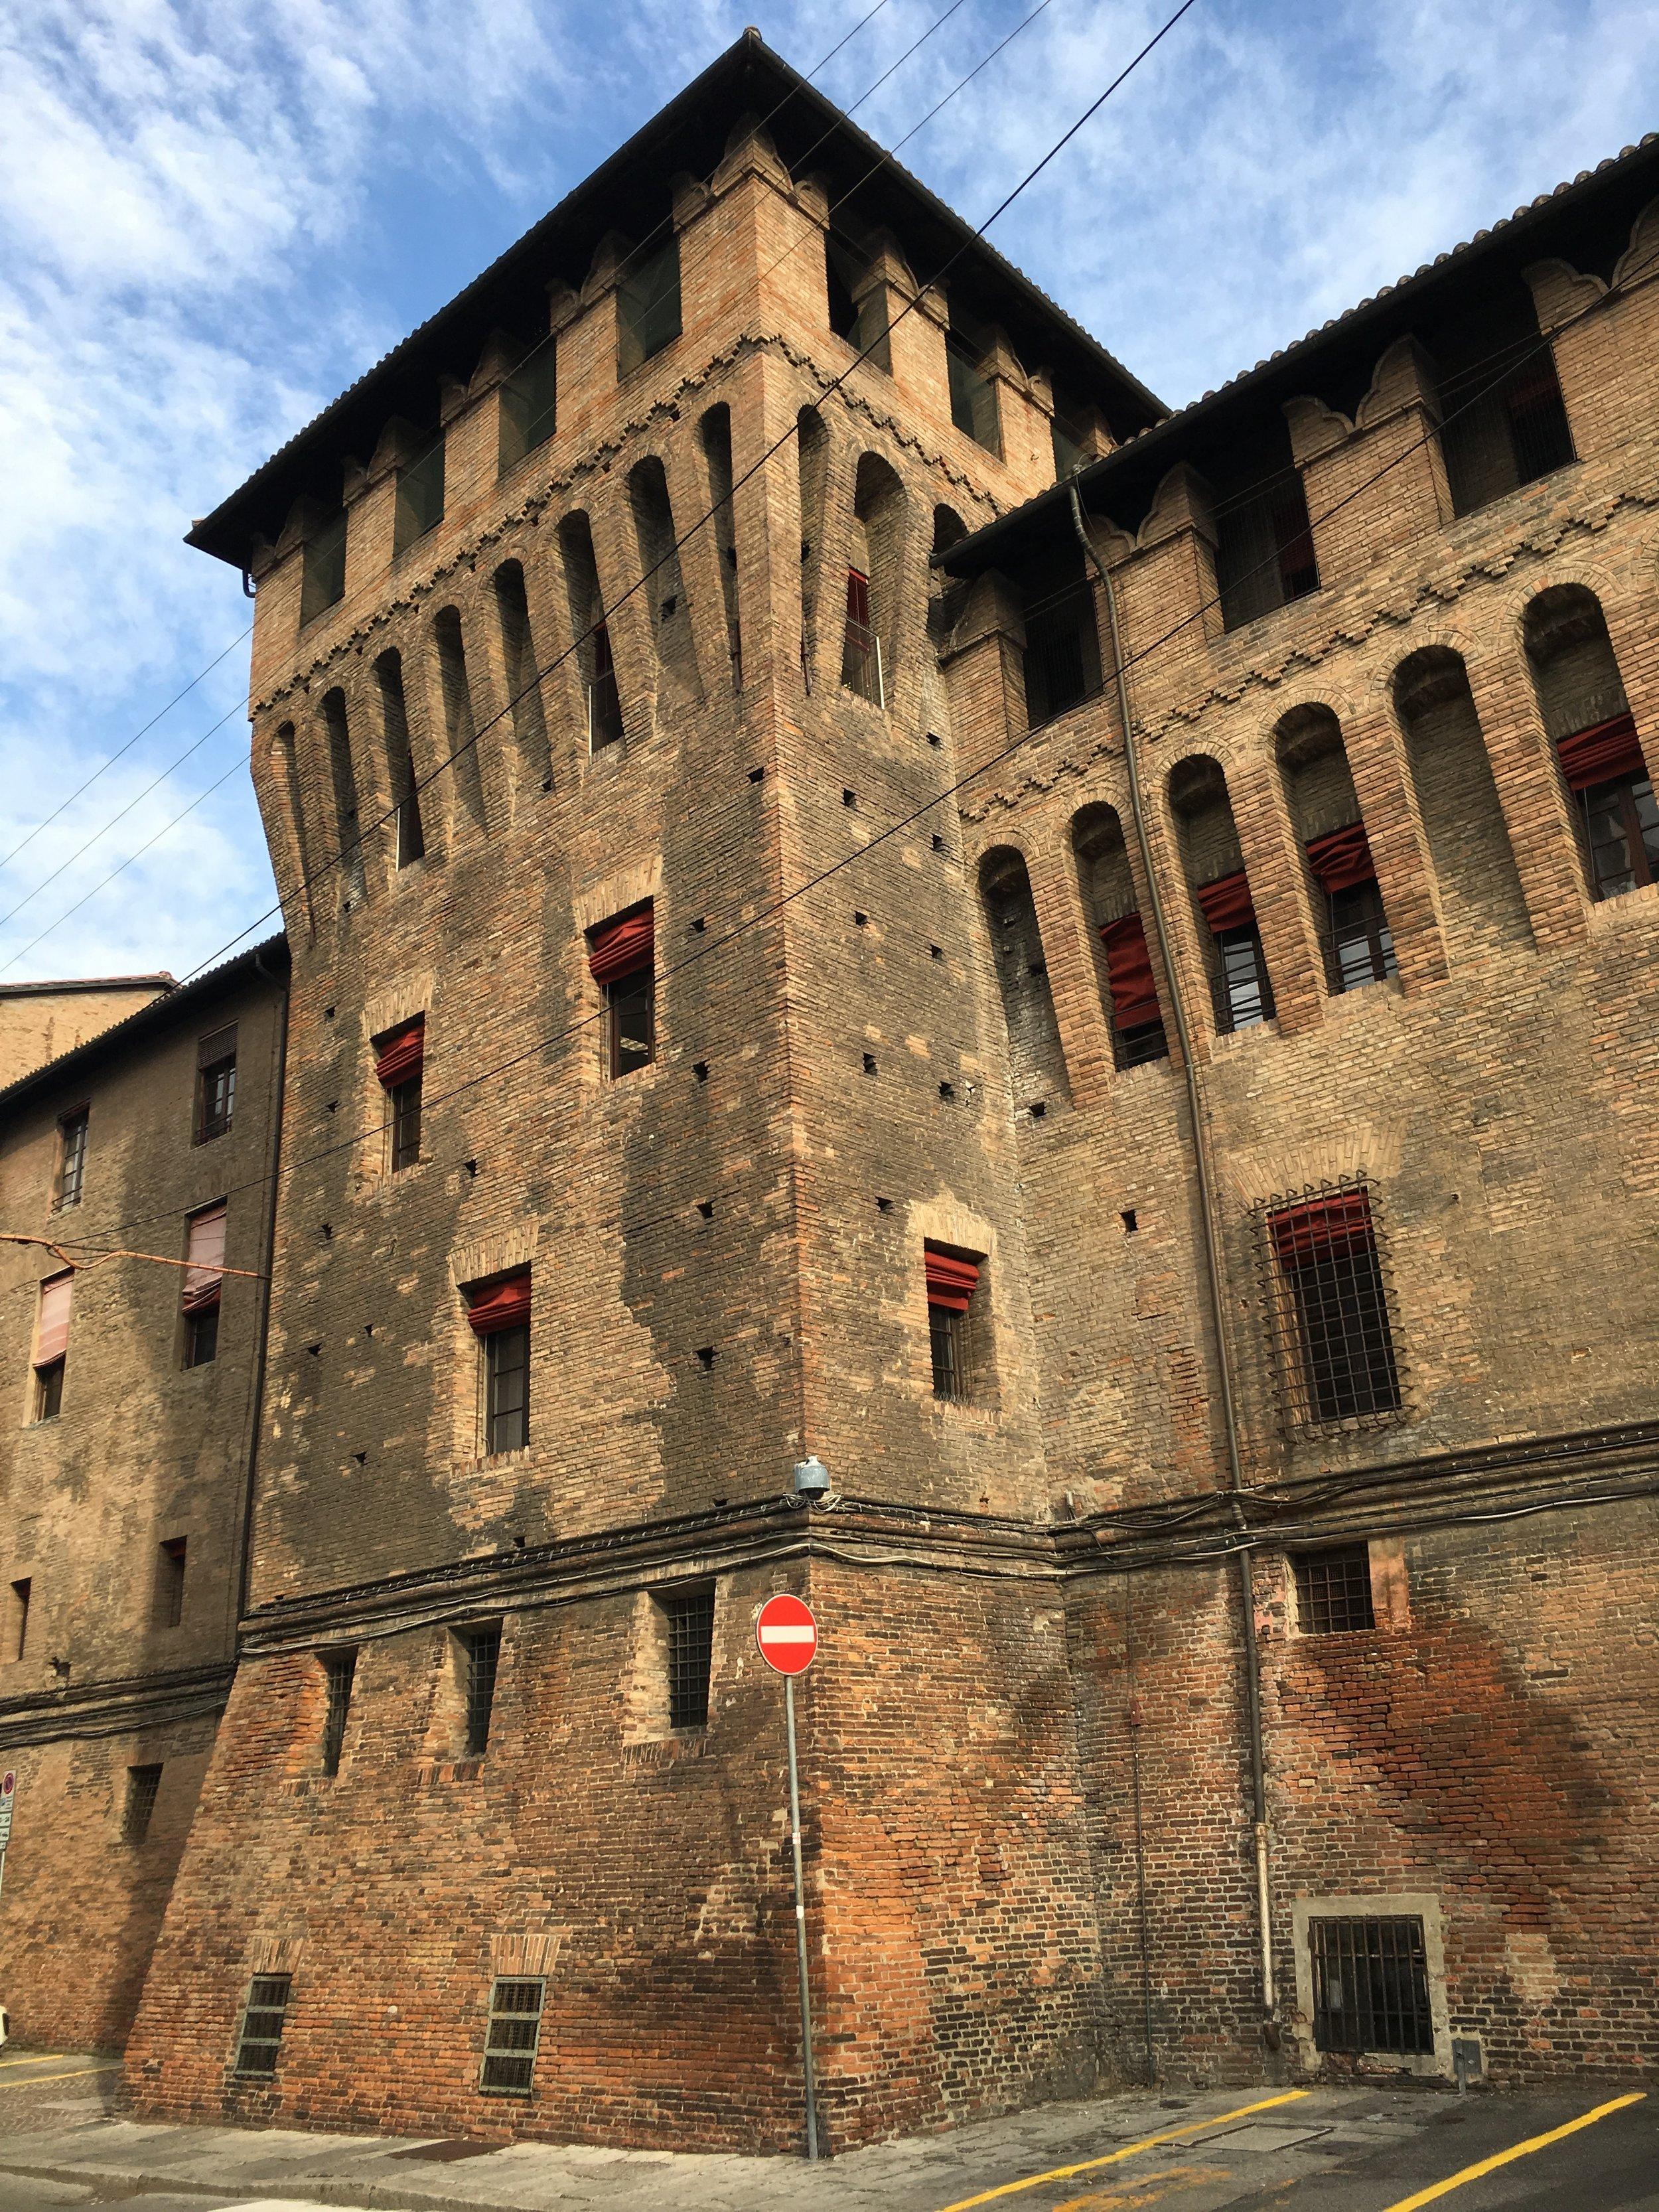 Vários prédios medievais espalhados por todos os lados e uma atmosfera que mistura o novo com o antigo fez de Bologna uma das minhas preferidas da viagem toda.